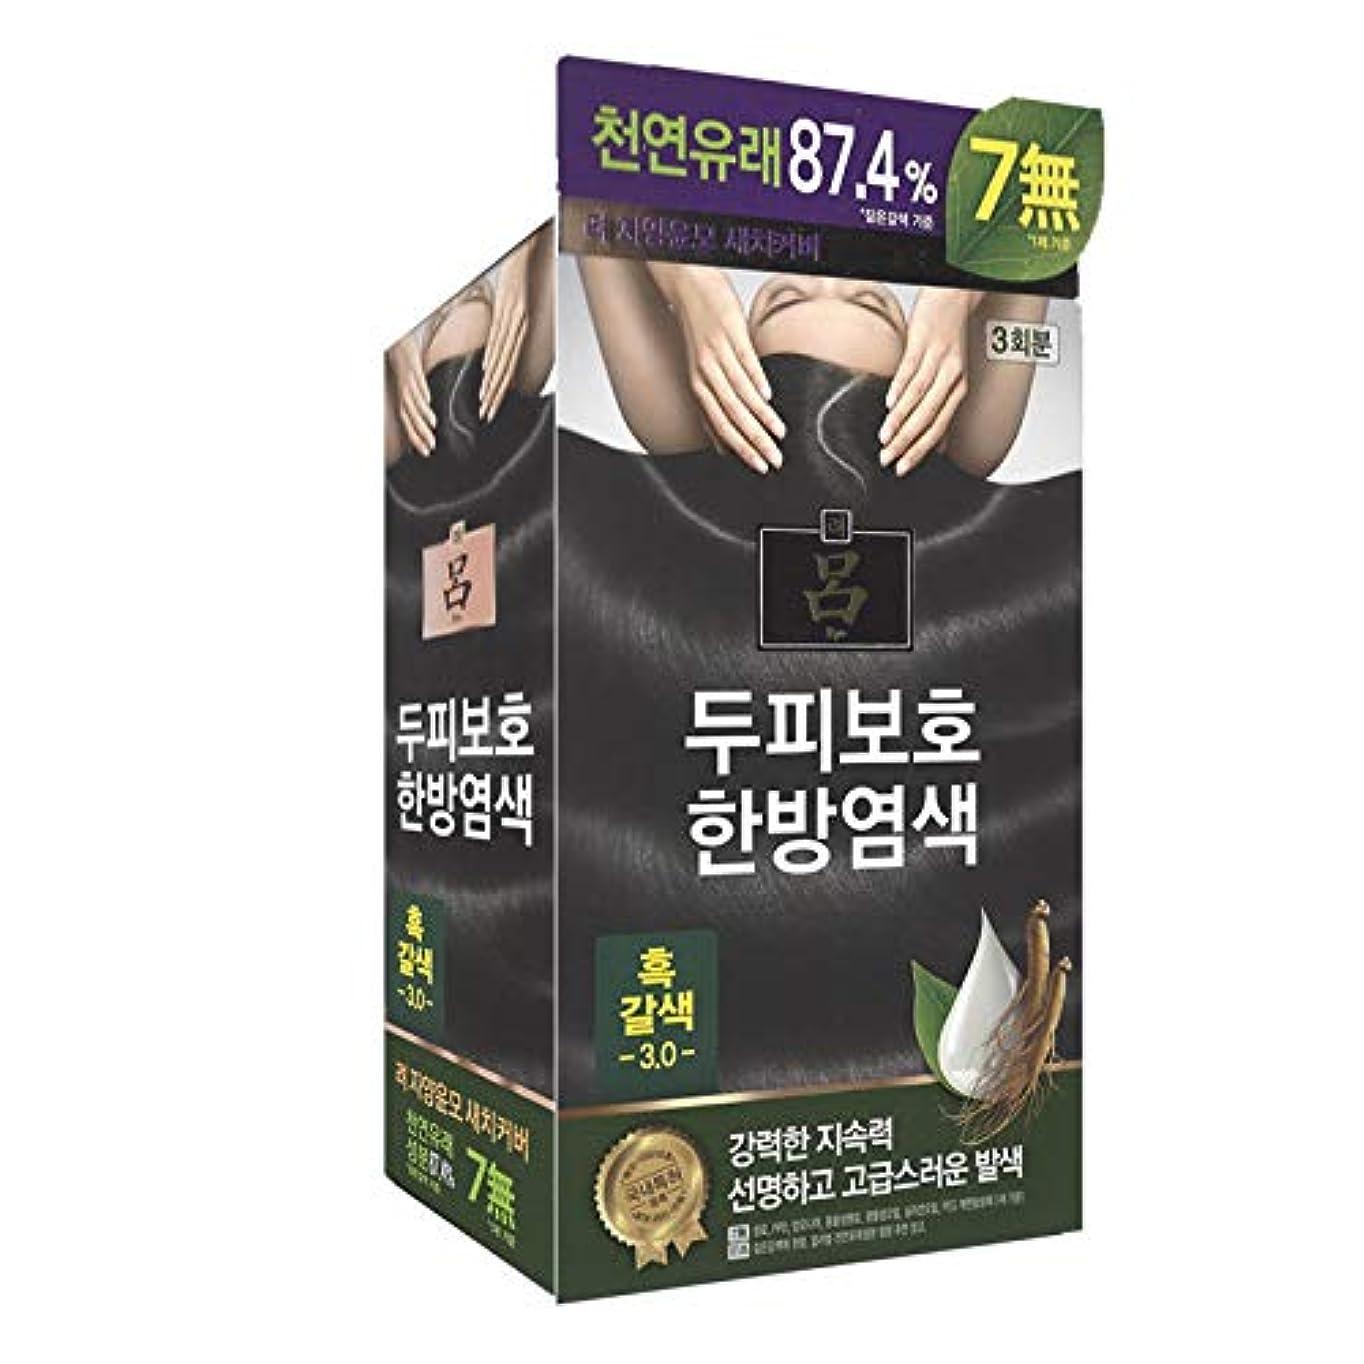 ロードブロッキングハシー手段アモーレパシフィック呂[AMOREPACIFIC/Ryo] Jayang Yunmoグレーヘアカバー 3.0 黒褐色(Blackish Brown)